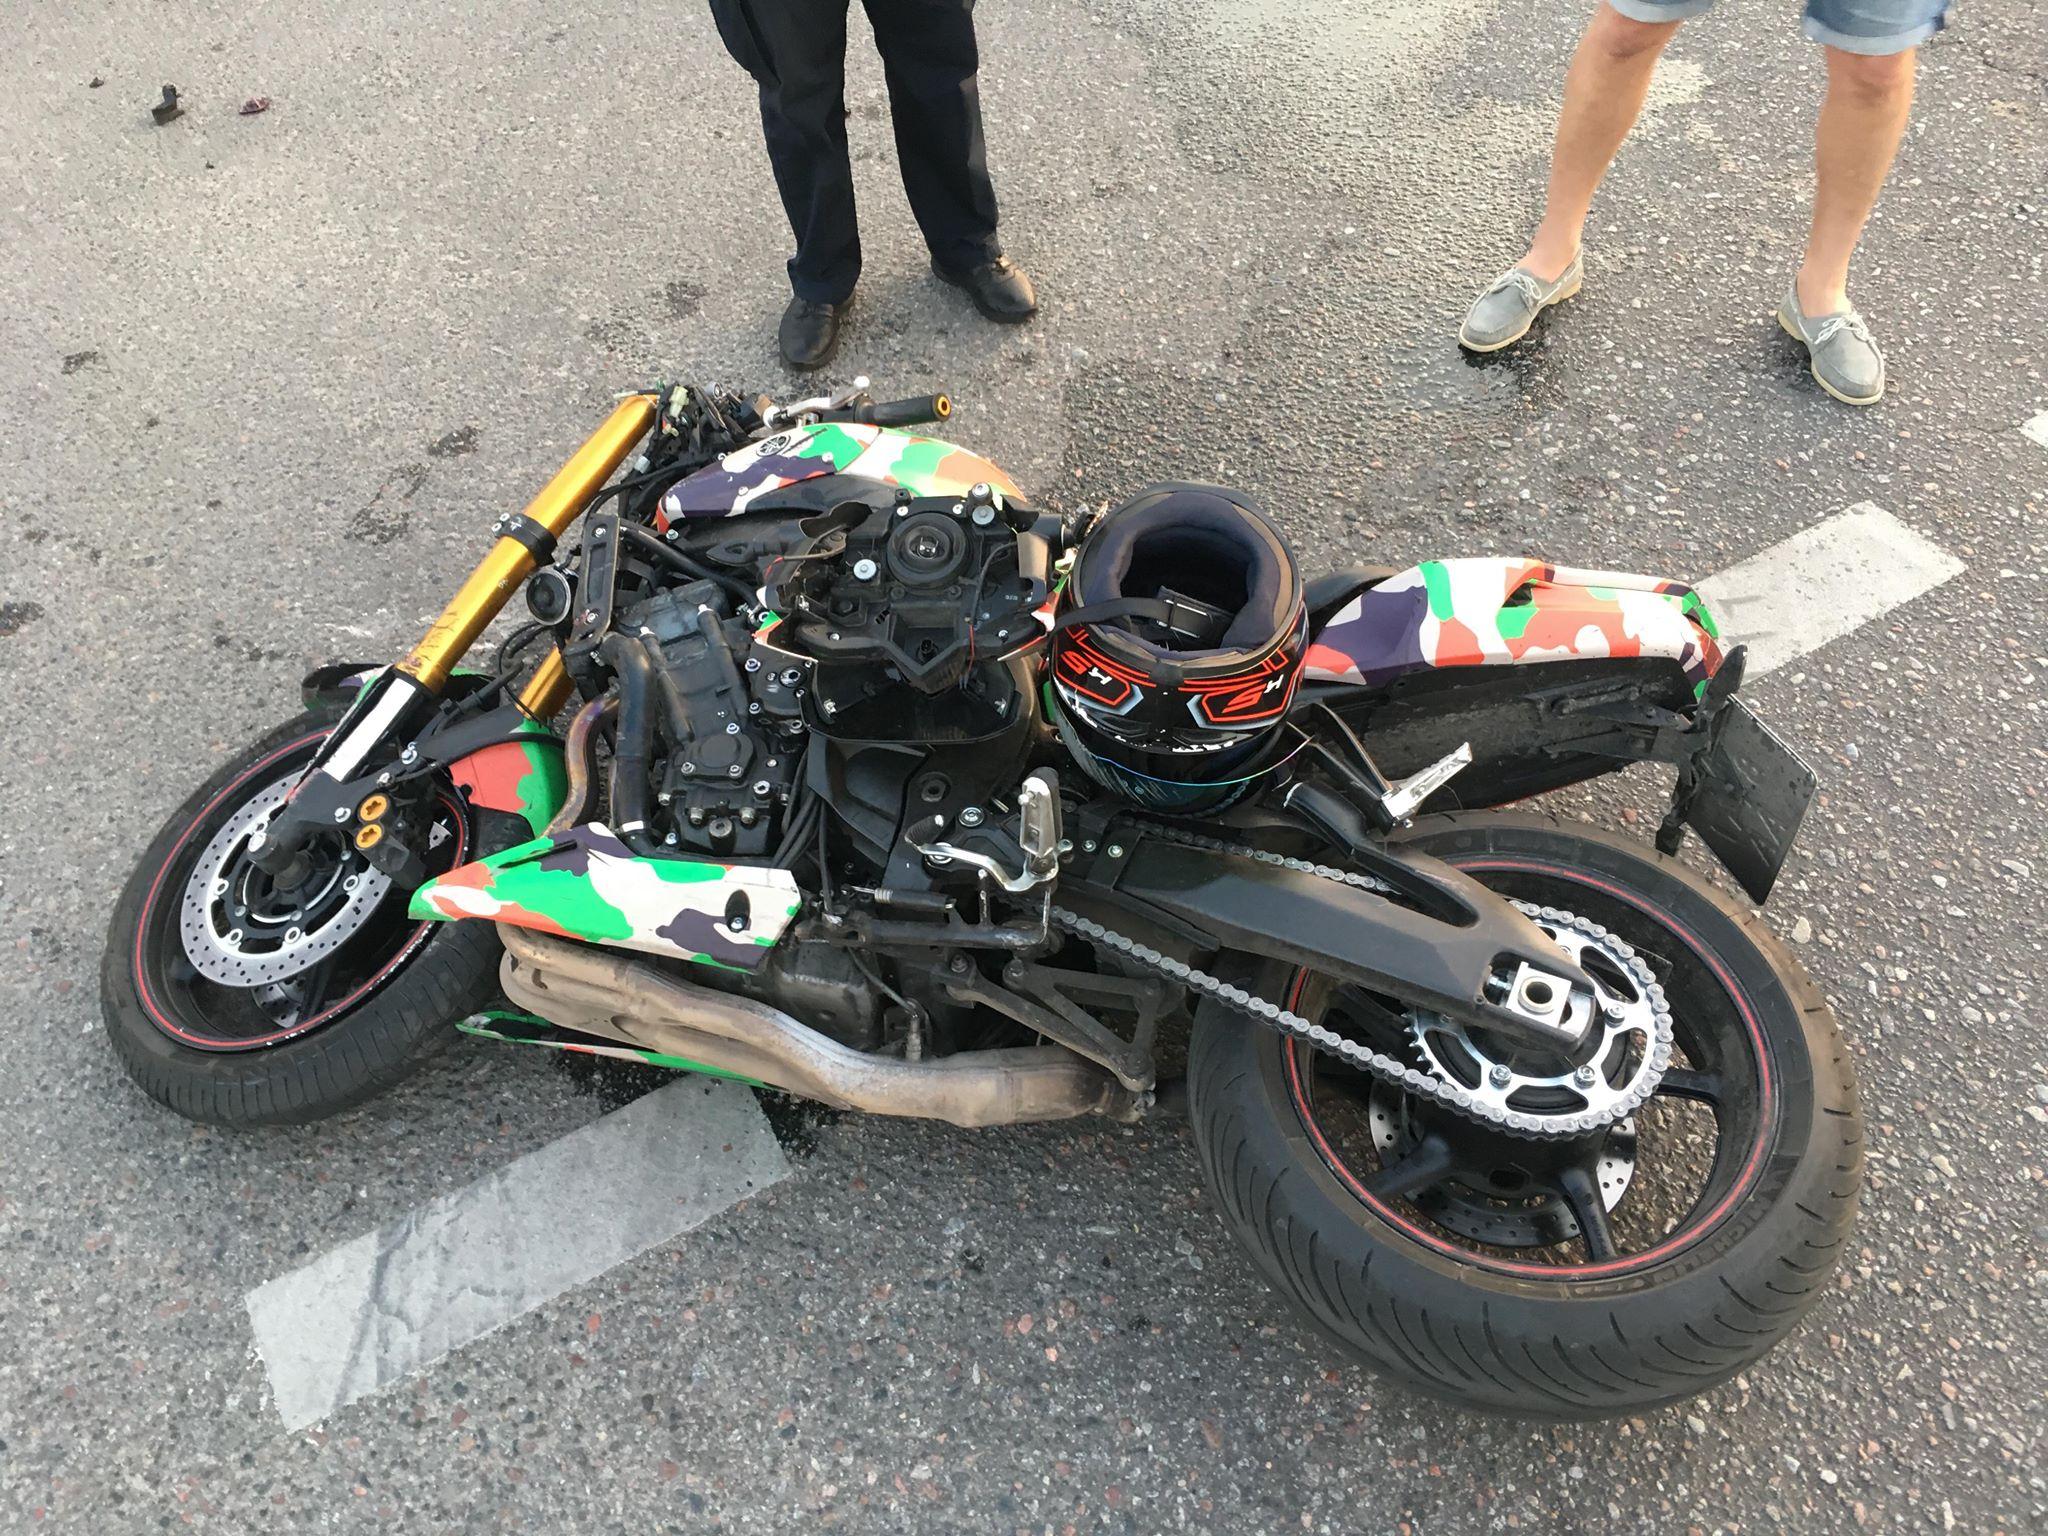 мотоциклиста госпитализировали в больницу скорой помощи